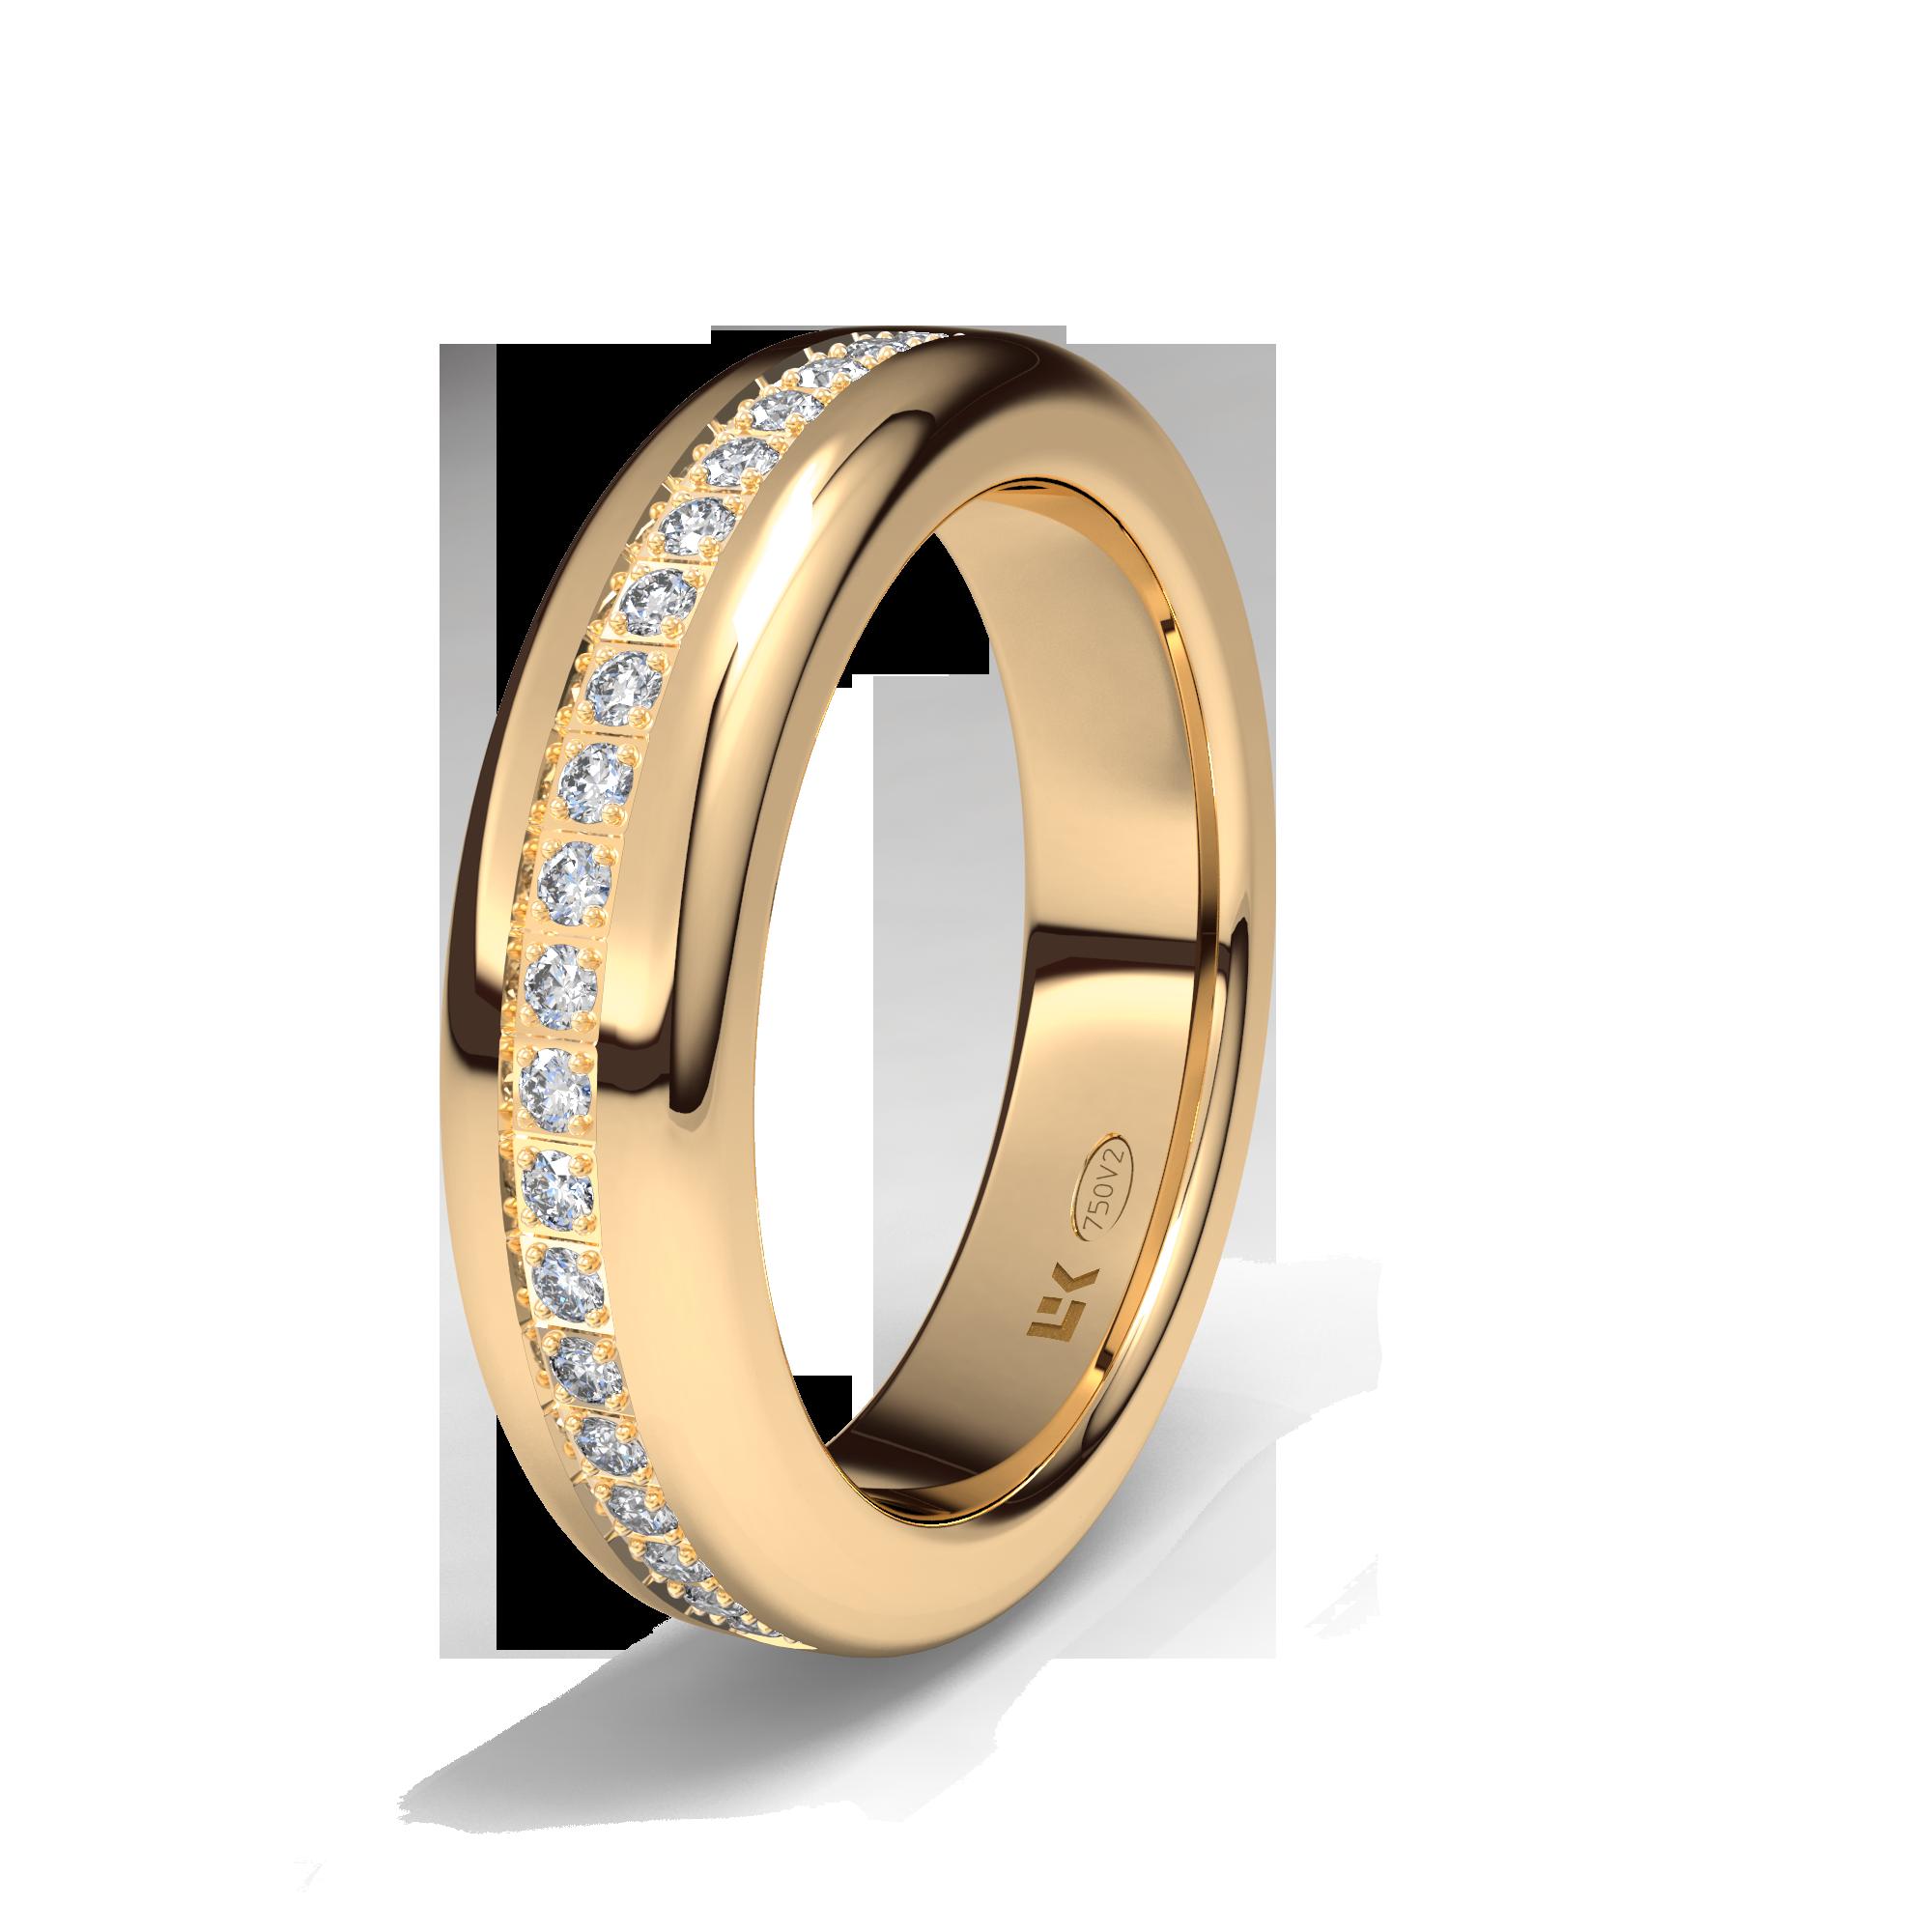 1f486d7b2698e Sortija de oro rojo de 18K modelo Semi rectangular bodas  alianzas  anillos   sortijas  diamantes  brillantes  novia